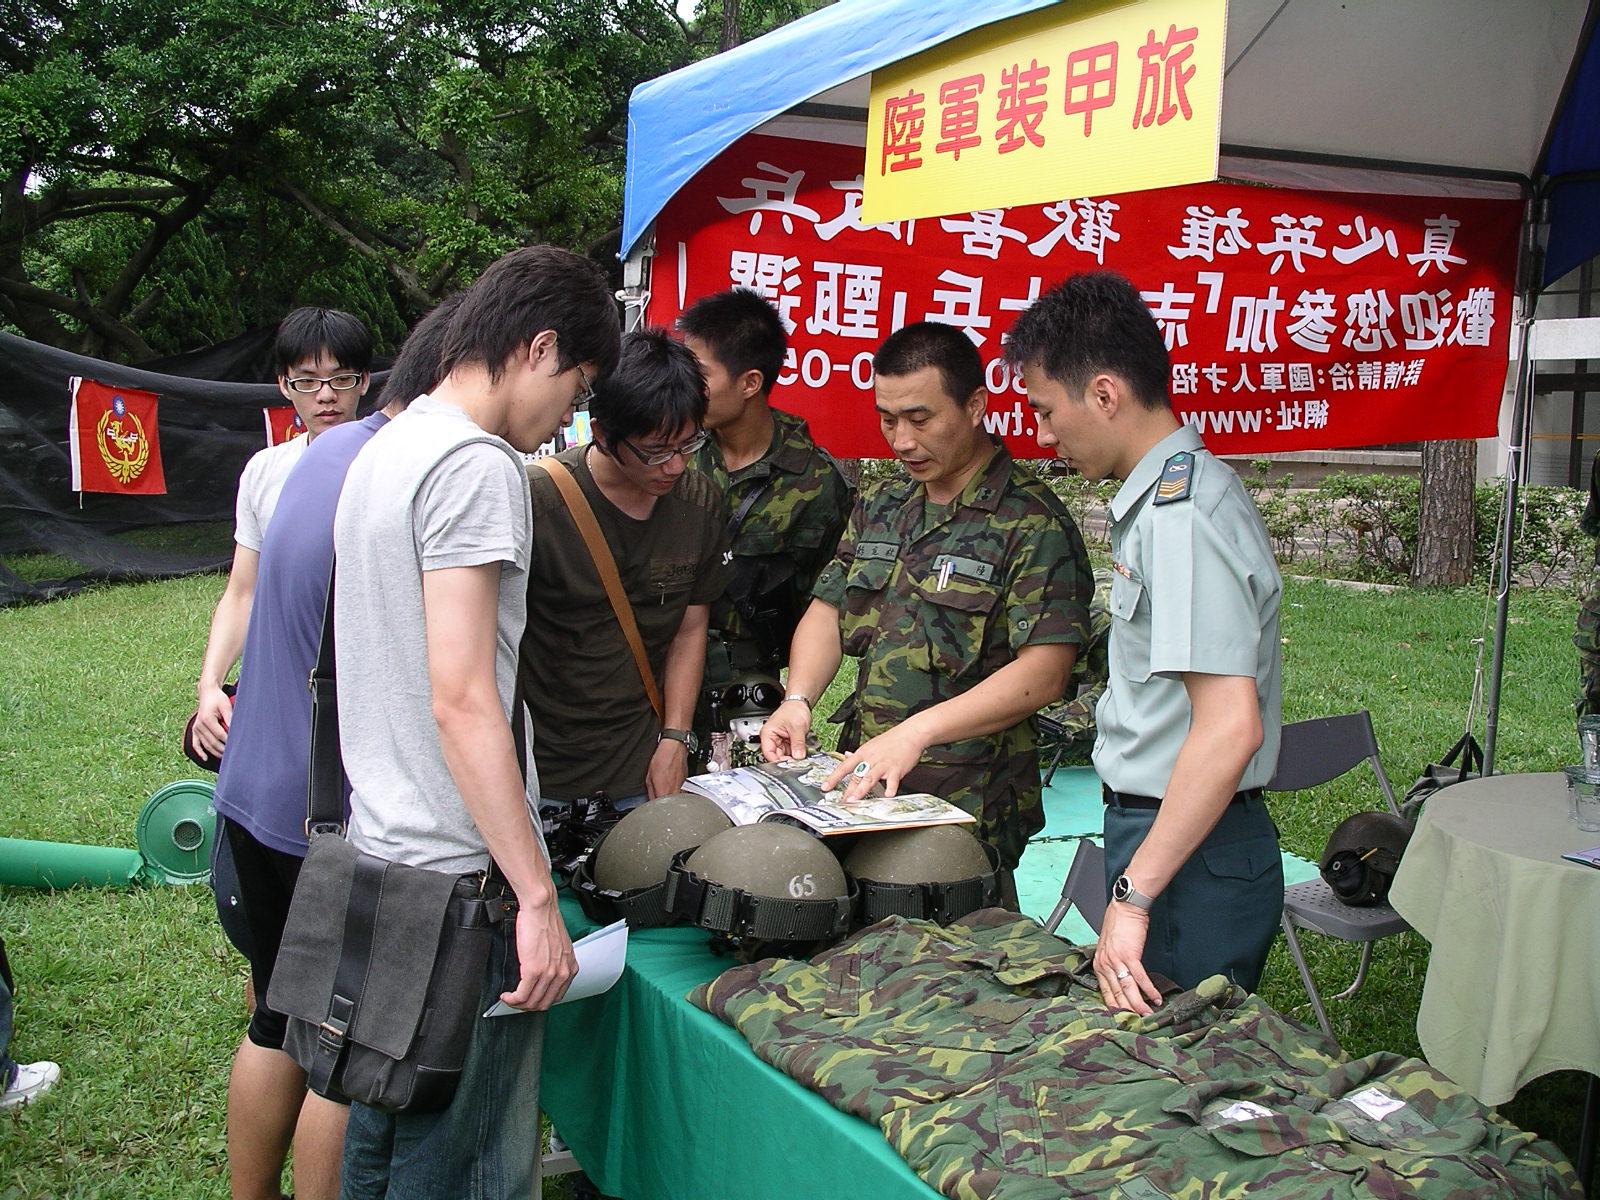 中原辦國軍人才招募 三軍儀隊精采表演吸引近千人圍觀